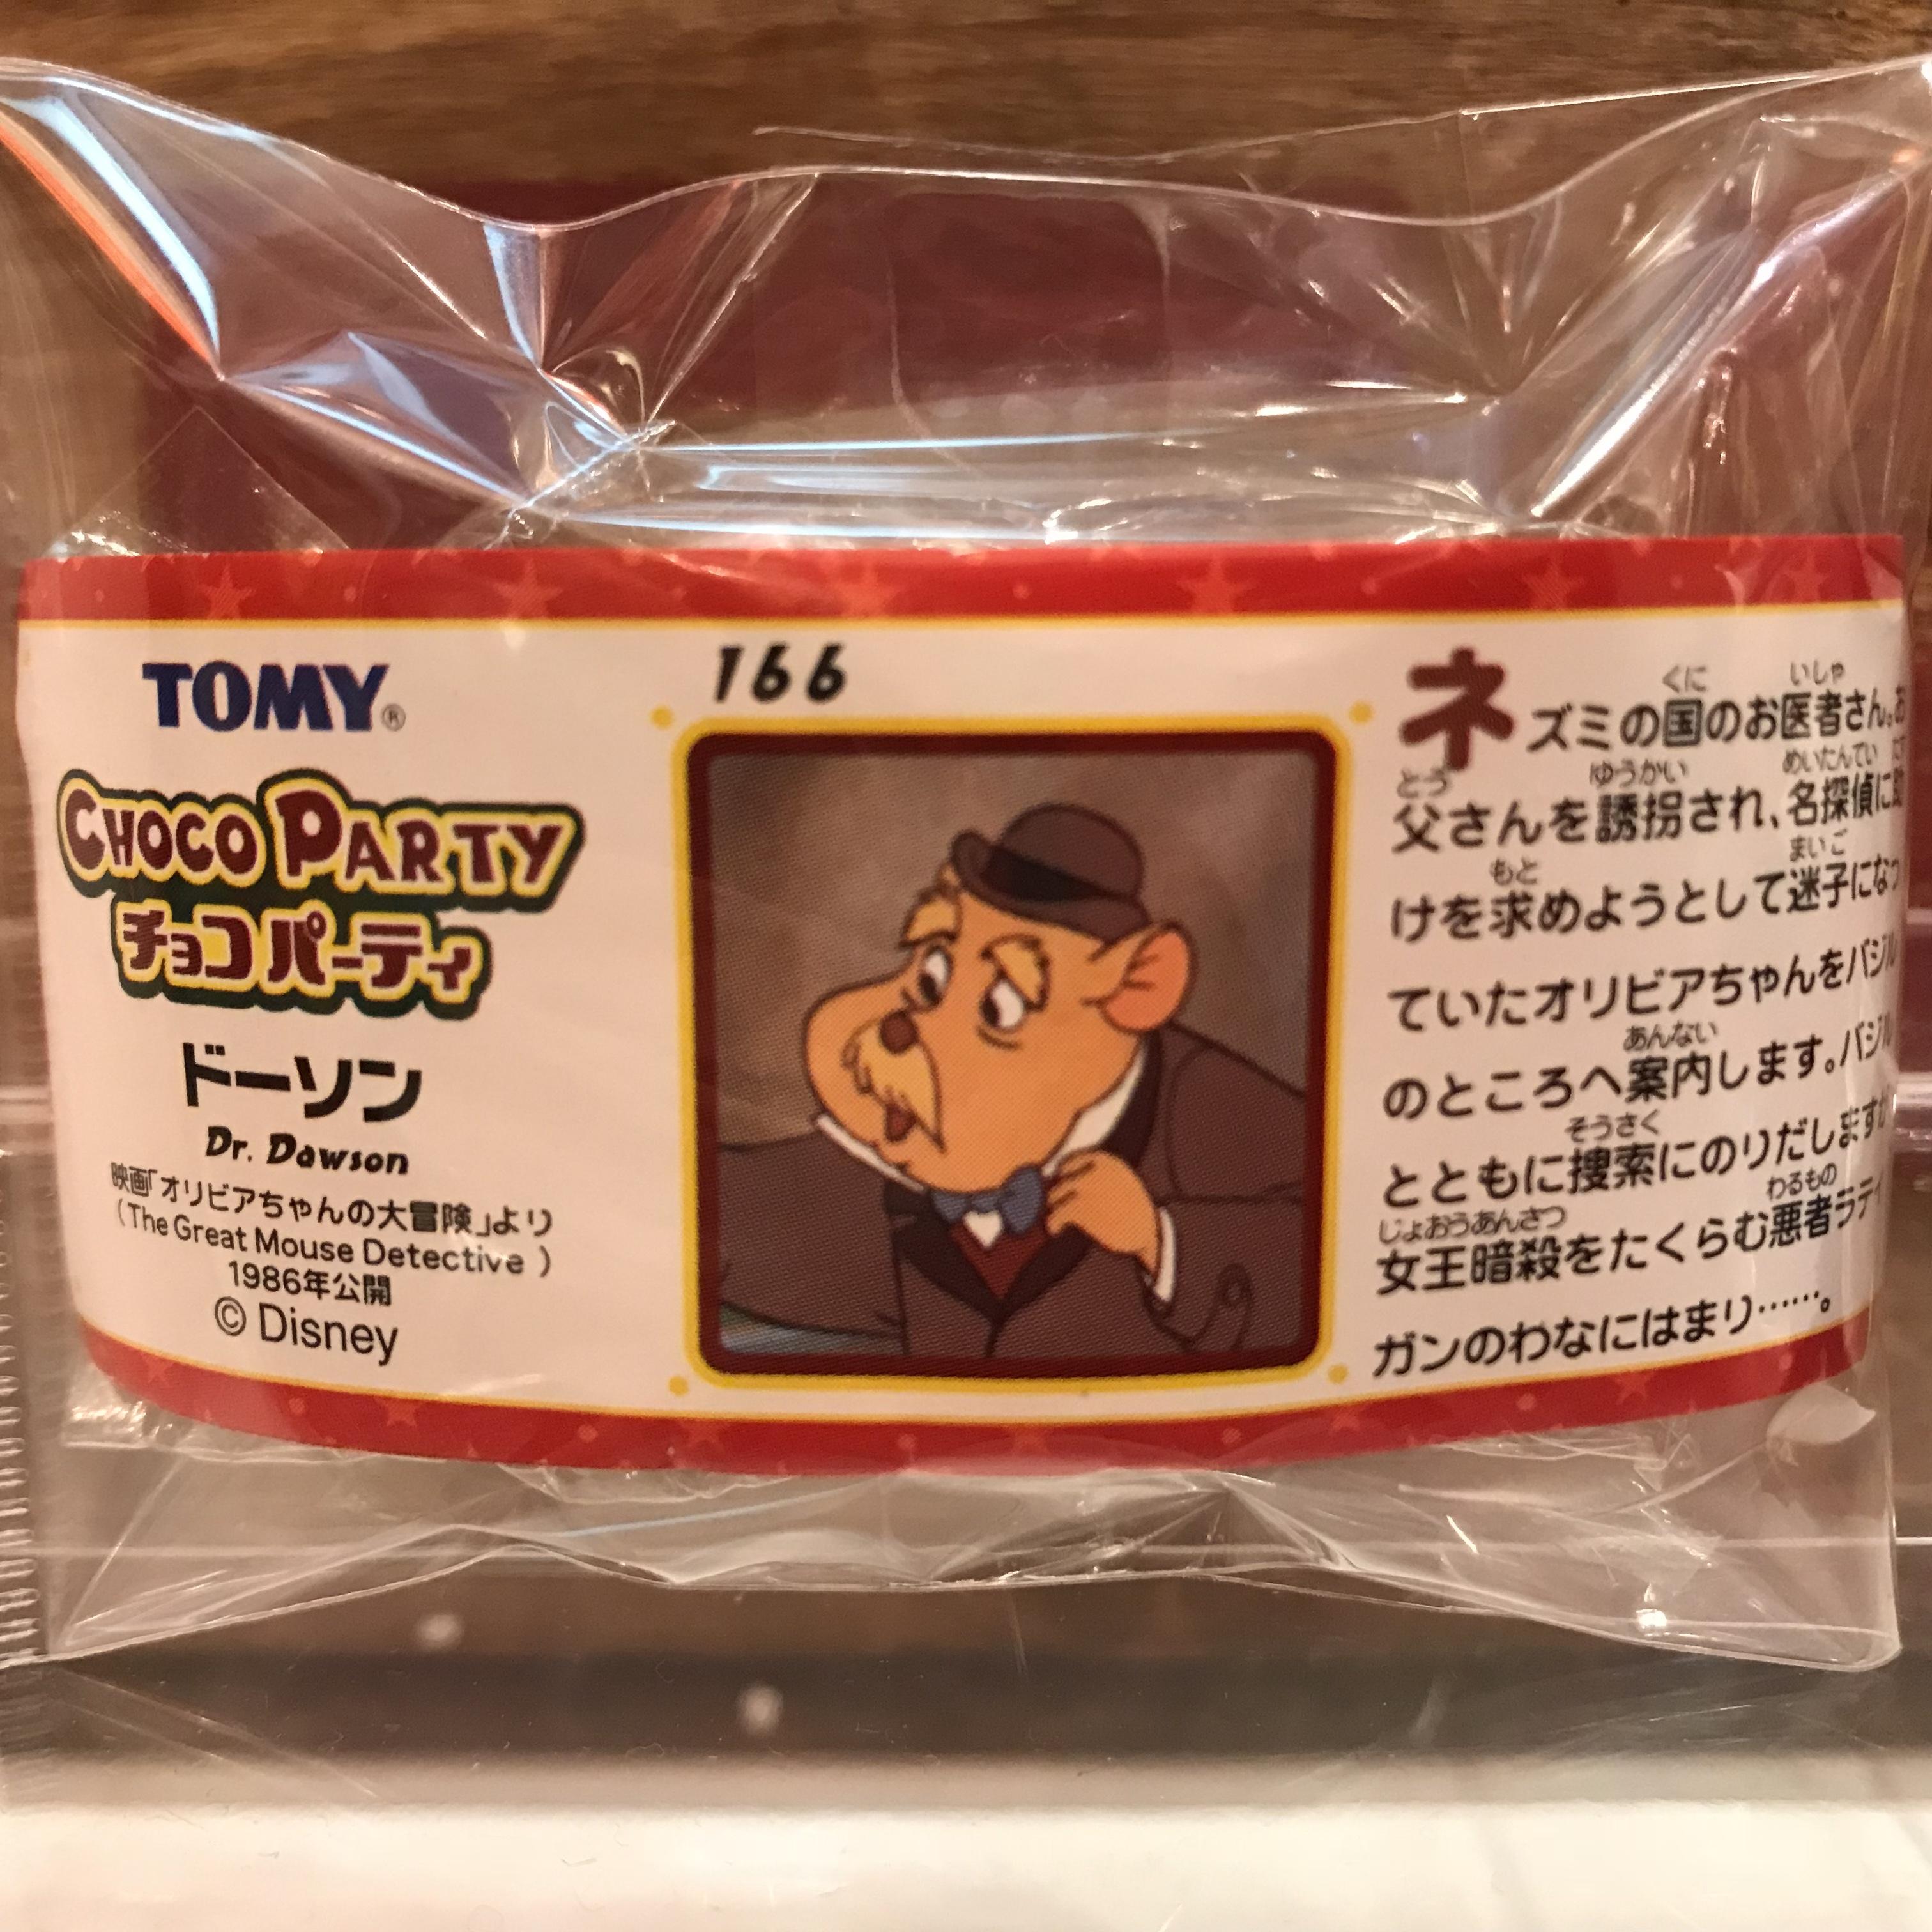 ディズニー チョコパーティ 166 ドーソン フィギュア 内袋未開封・ミニブック付 TOMY